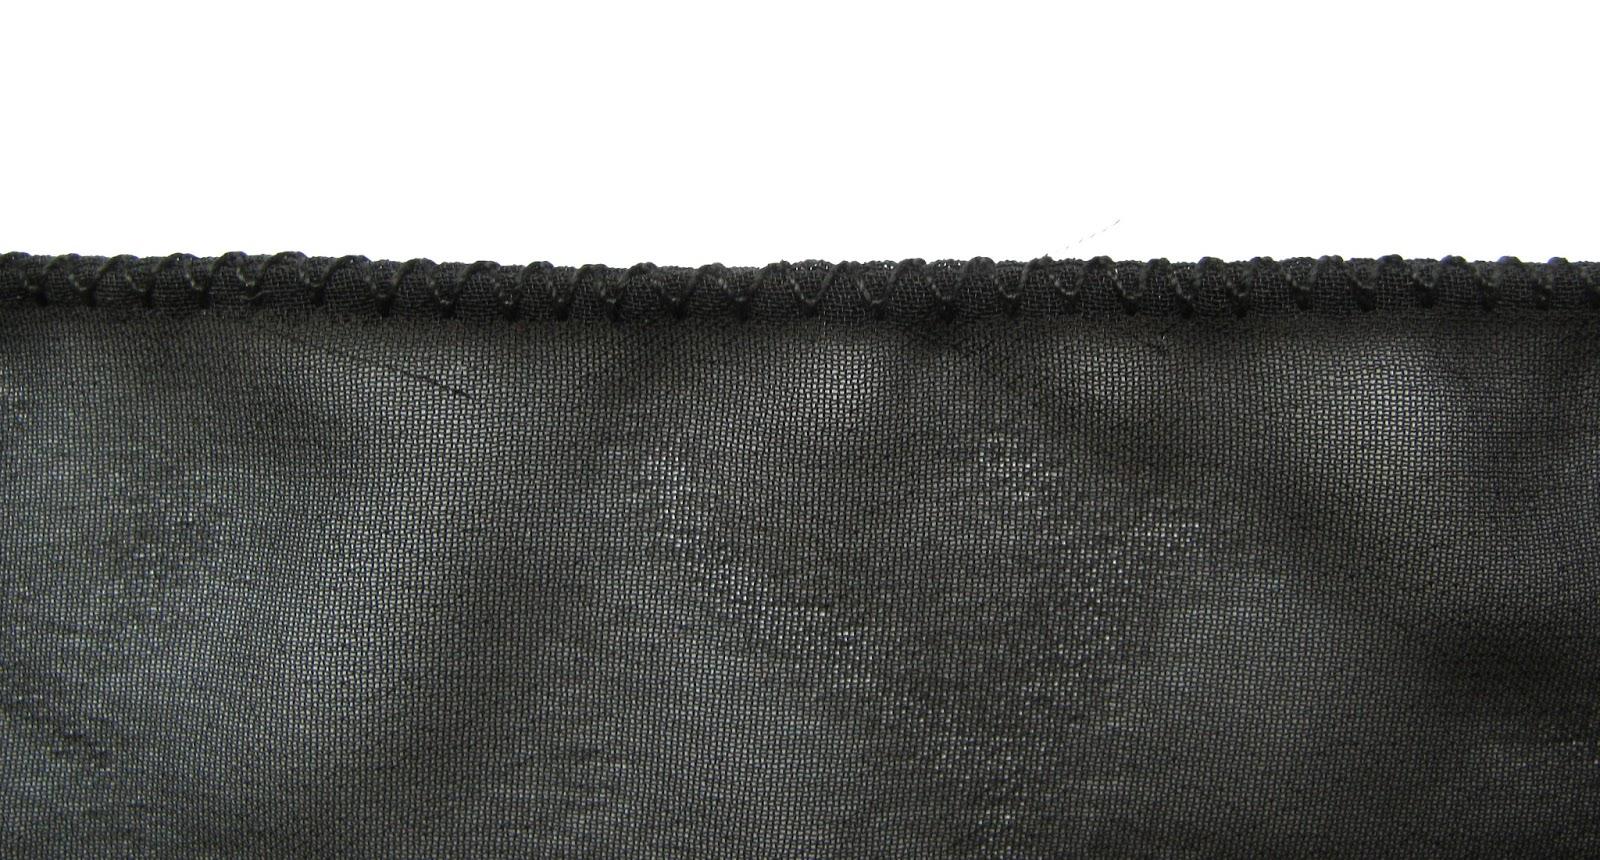 maschinen zick zack schneiden